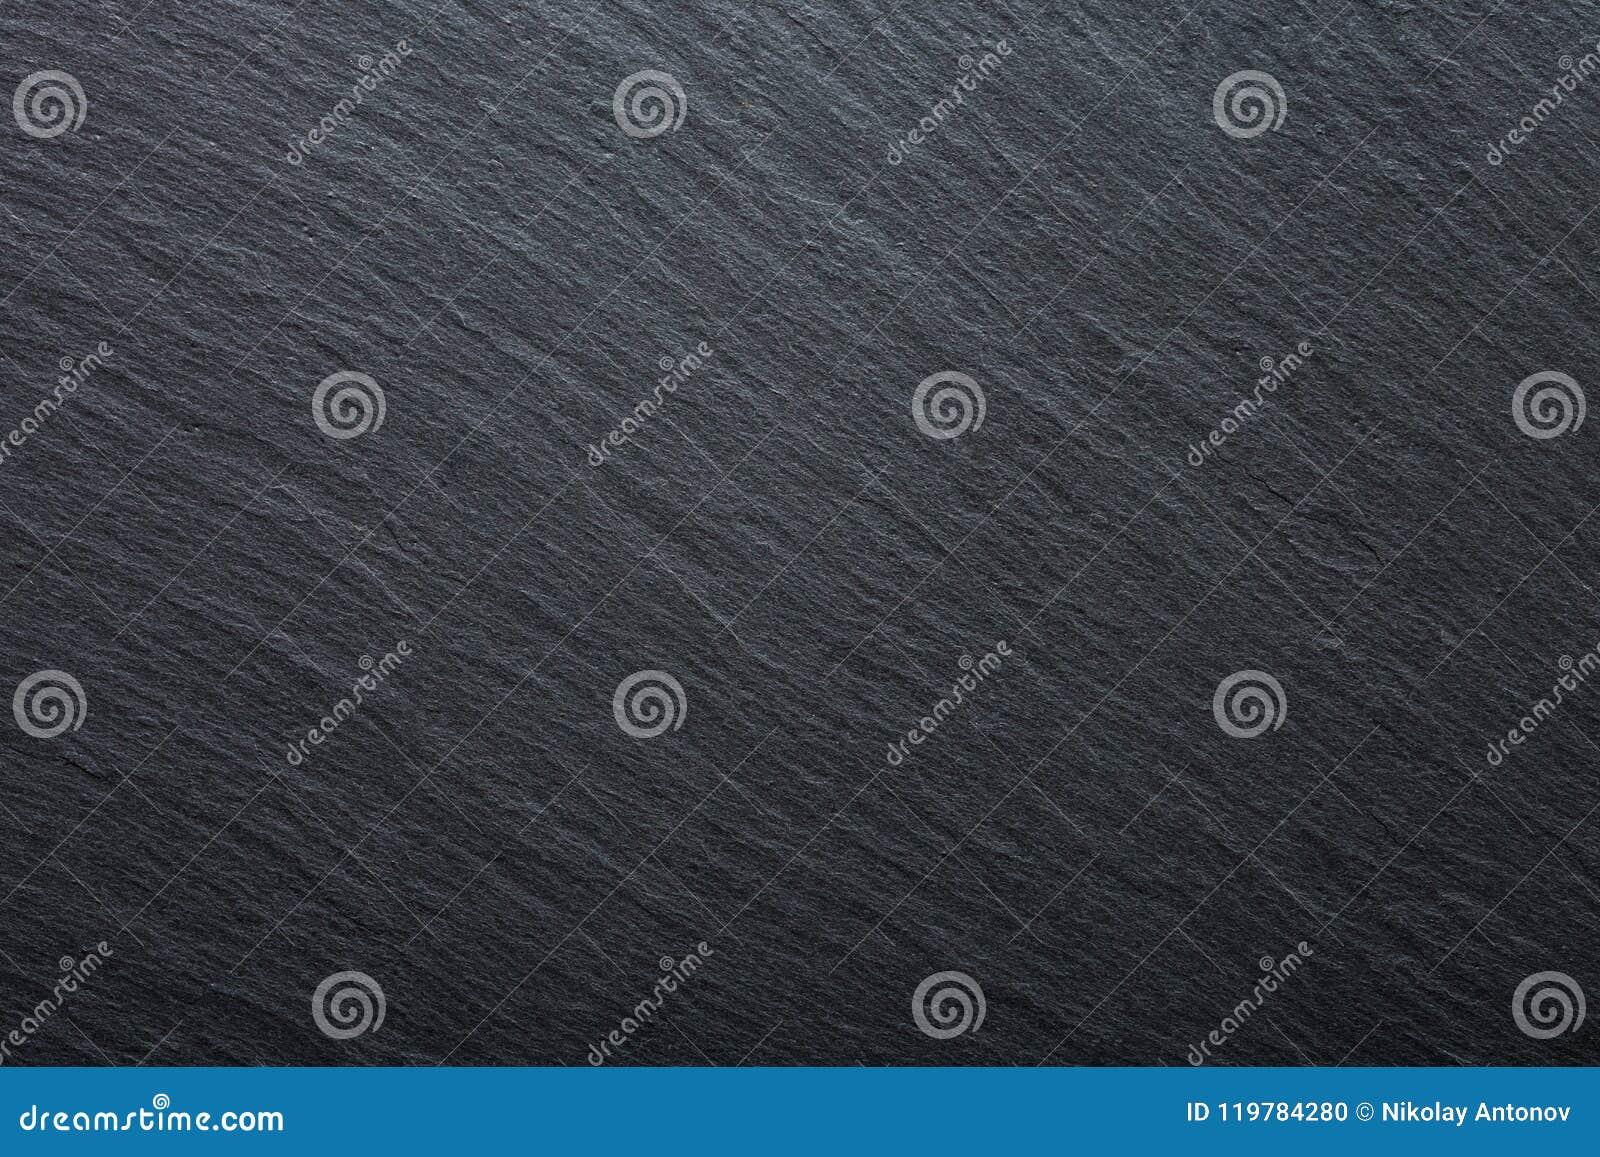 De donkere grijze en zwarte achtergrond van het leigraniet Textuurachtergrond voor uw project